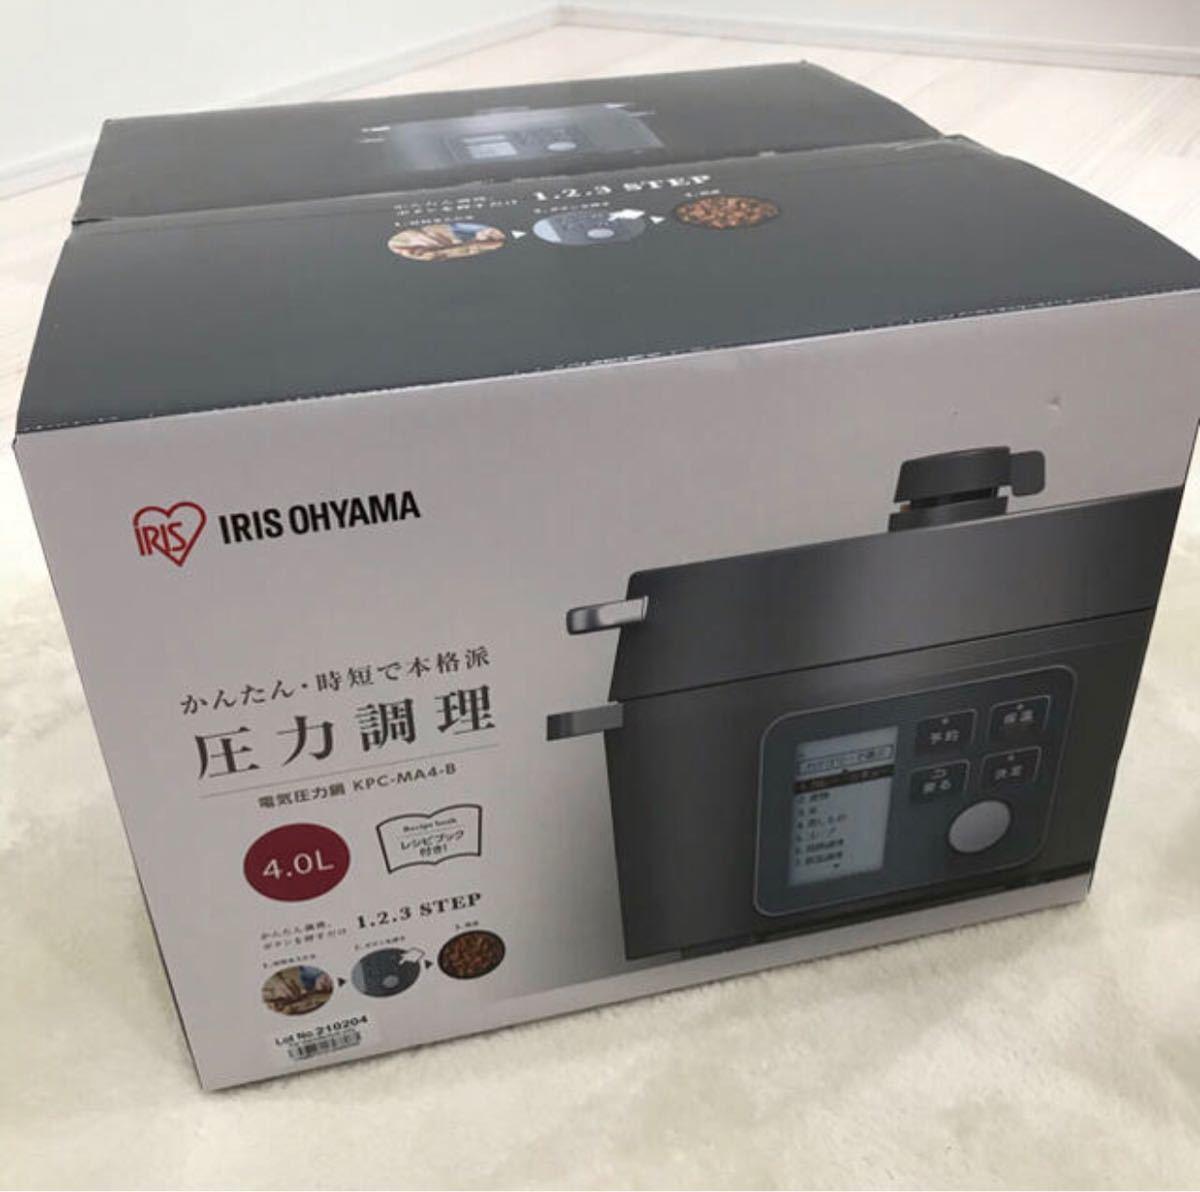 アイリスオーヤマ 電気圧力鍋 ブラック IRIS OHYAMA KPC-MA4-B